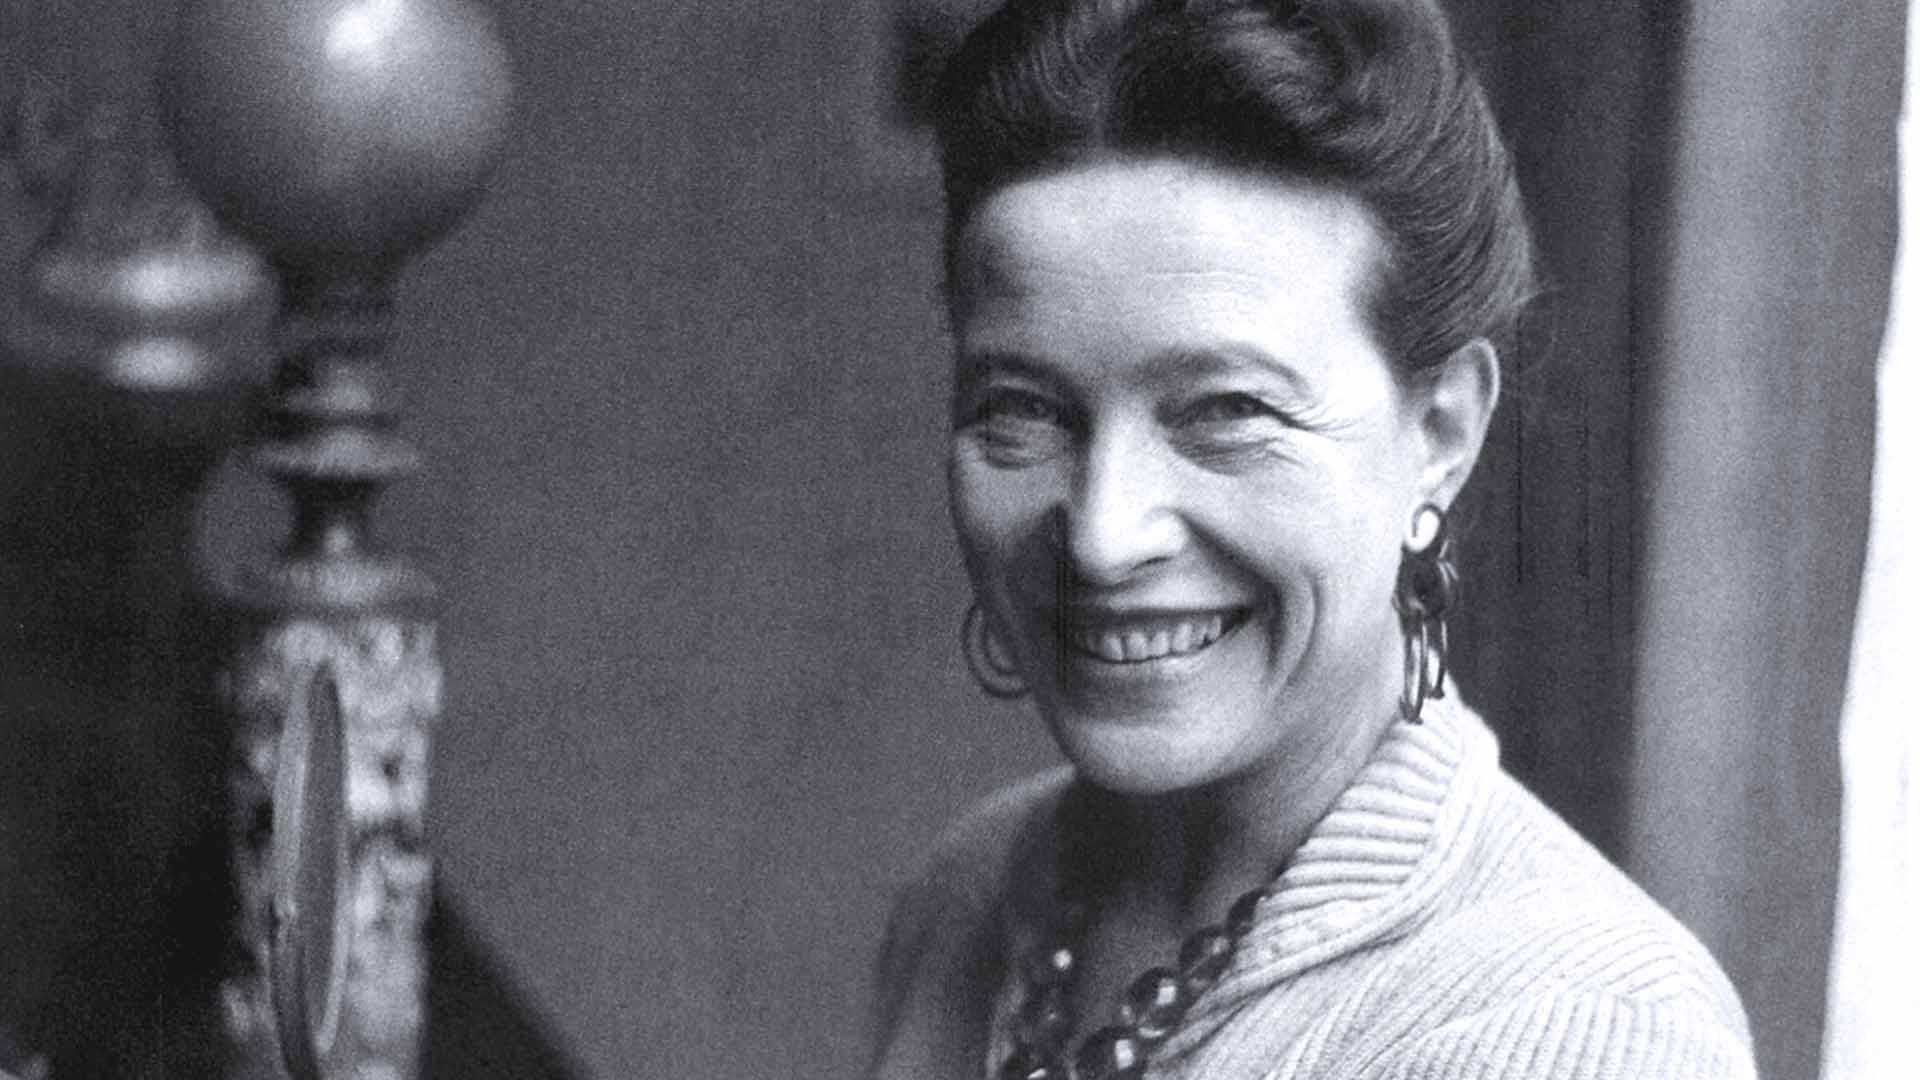 Simone de Bauvoir scrisse una lettera a Sartre durante il nazismo